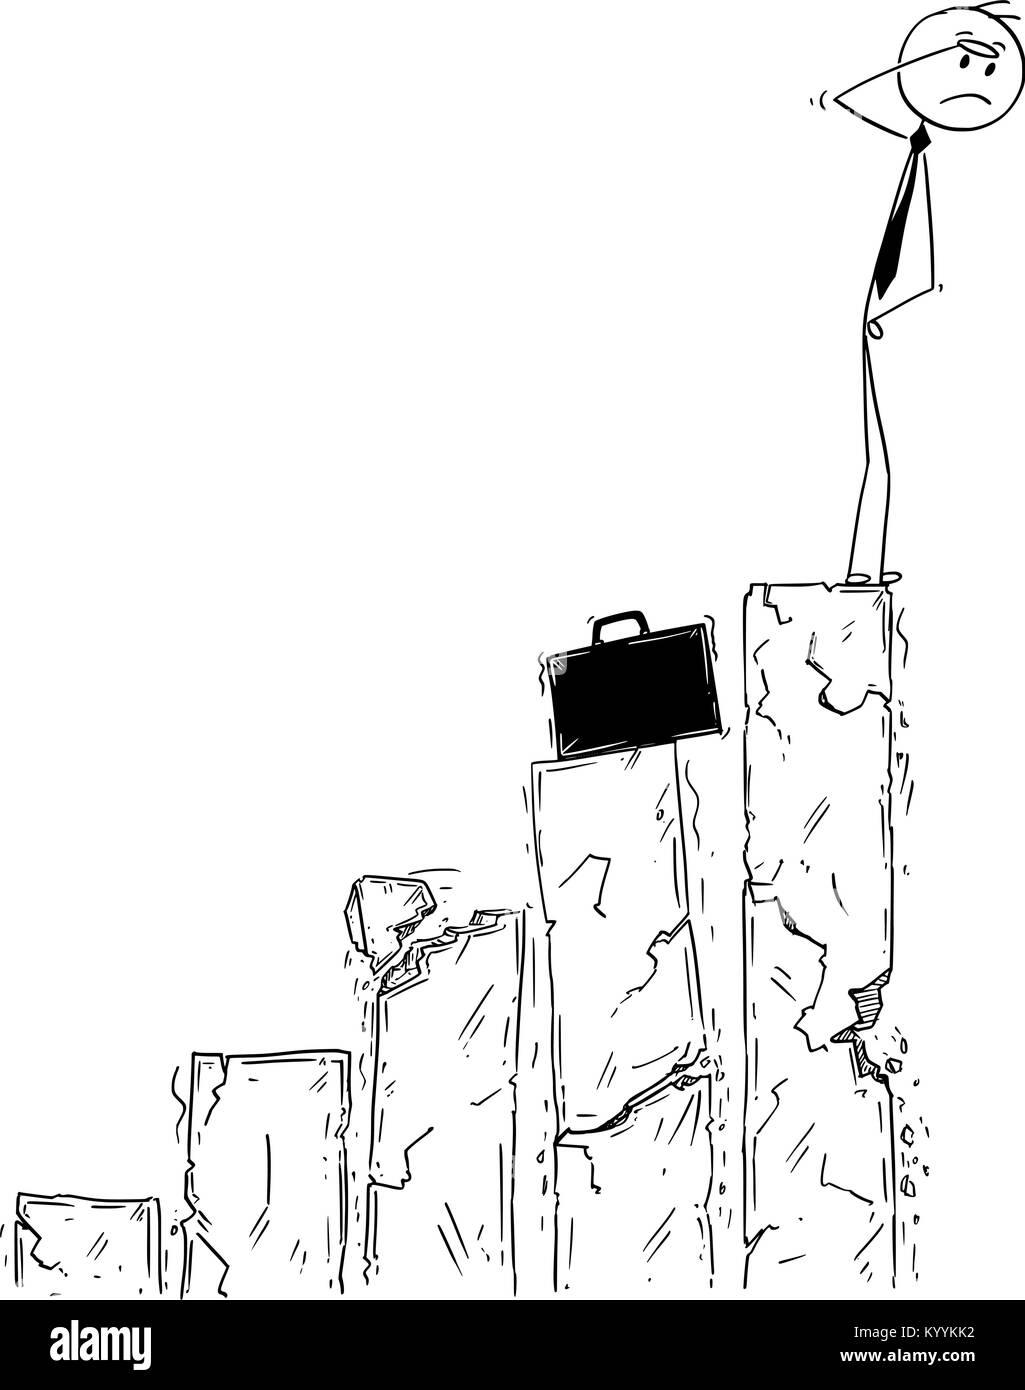 Cartoon concettuale di imprenditore rivolta verso il fallimento e la crisi Immagini Stock